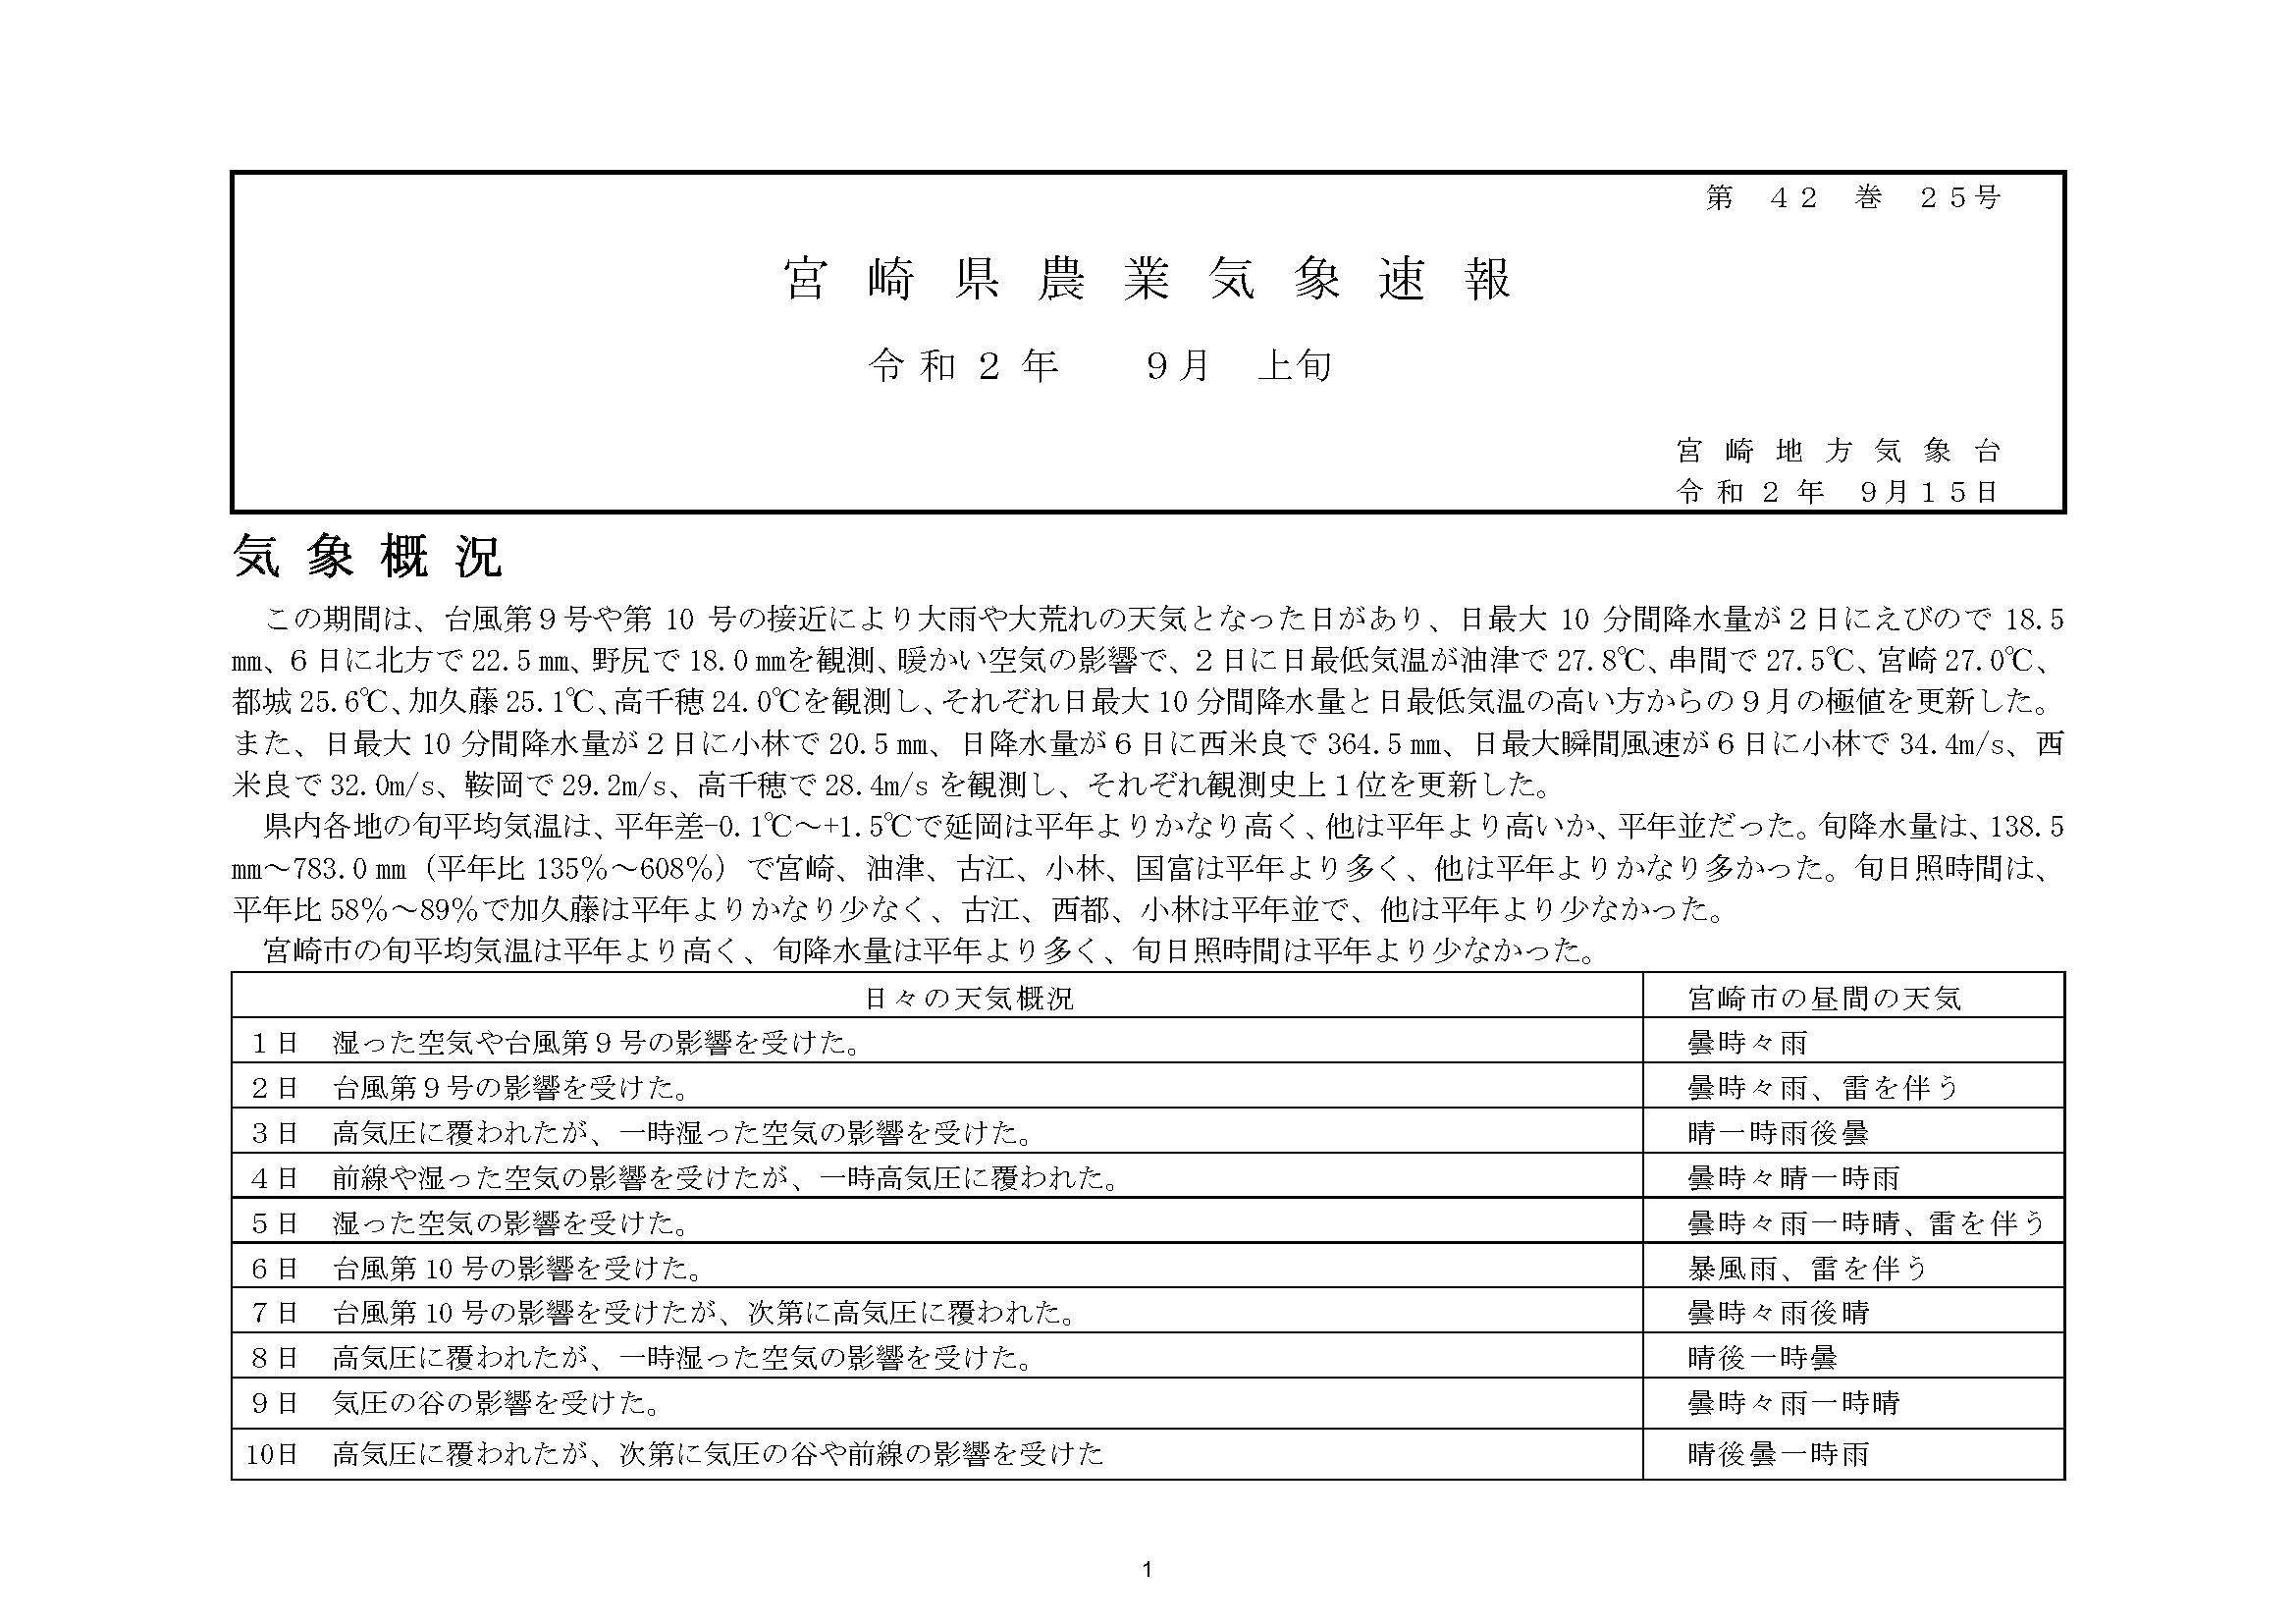 宮崎県農業気象速報令和2年9月上旬PDF